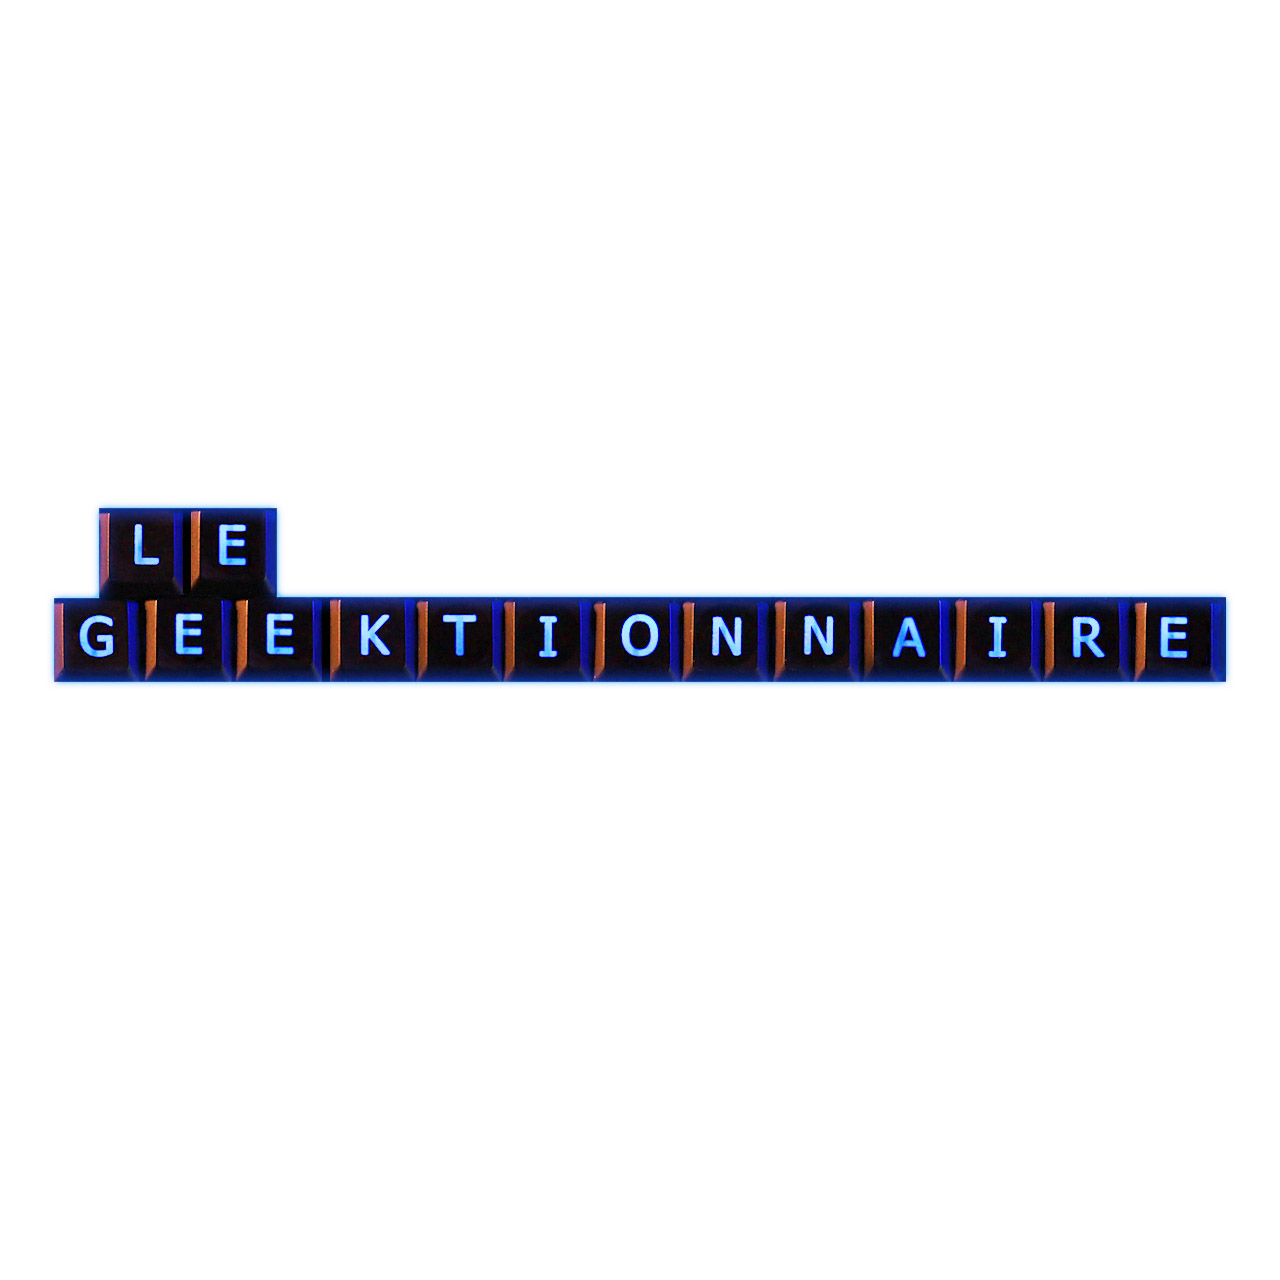 Le Geektionnaire